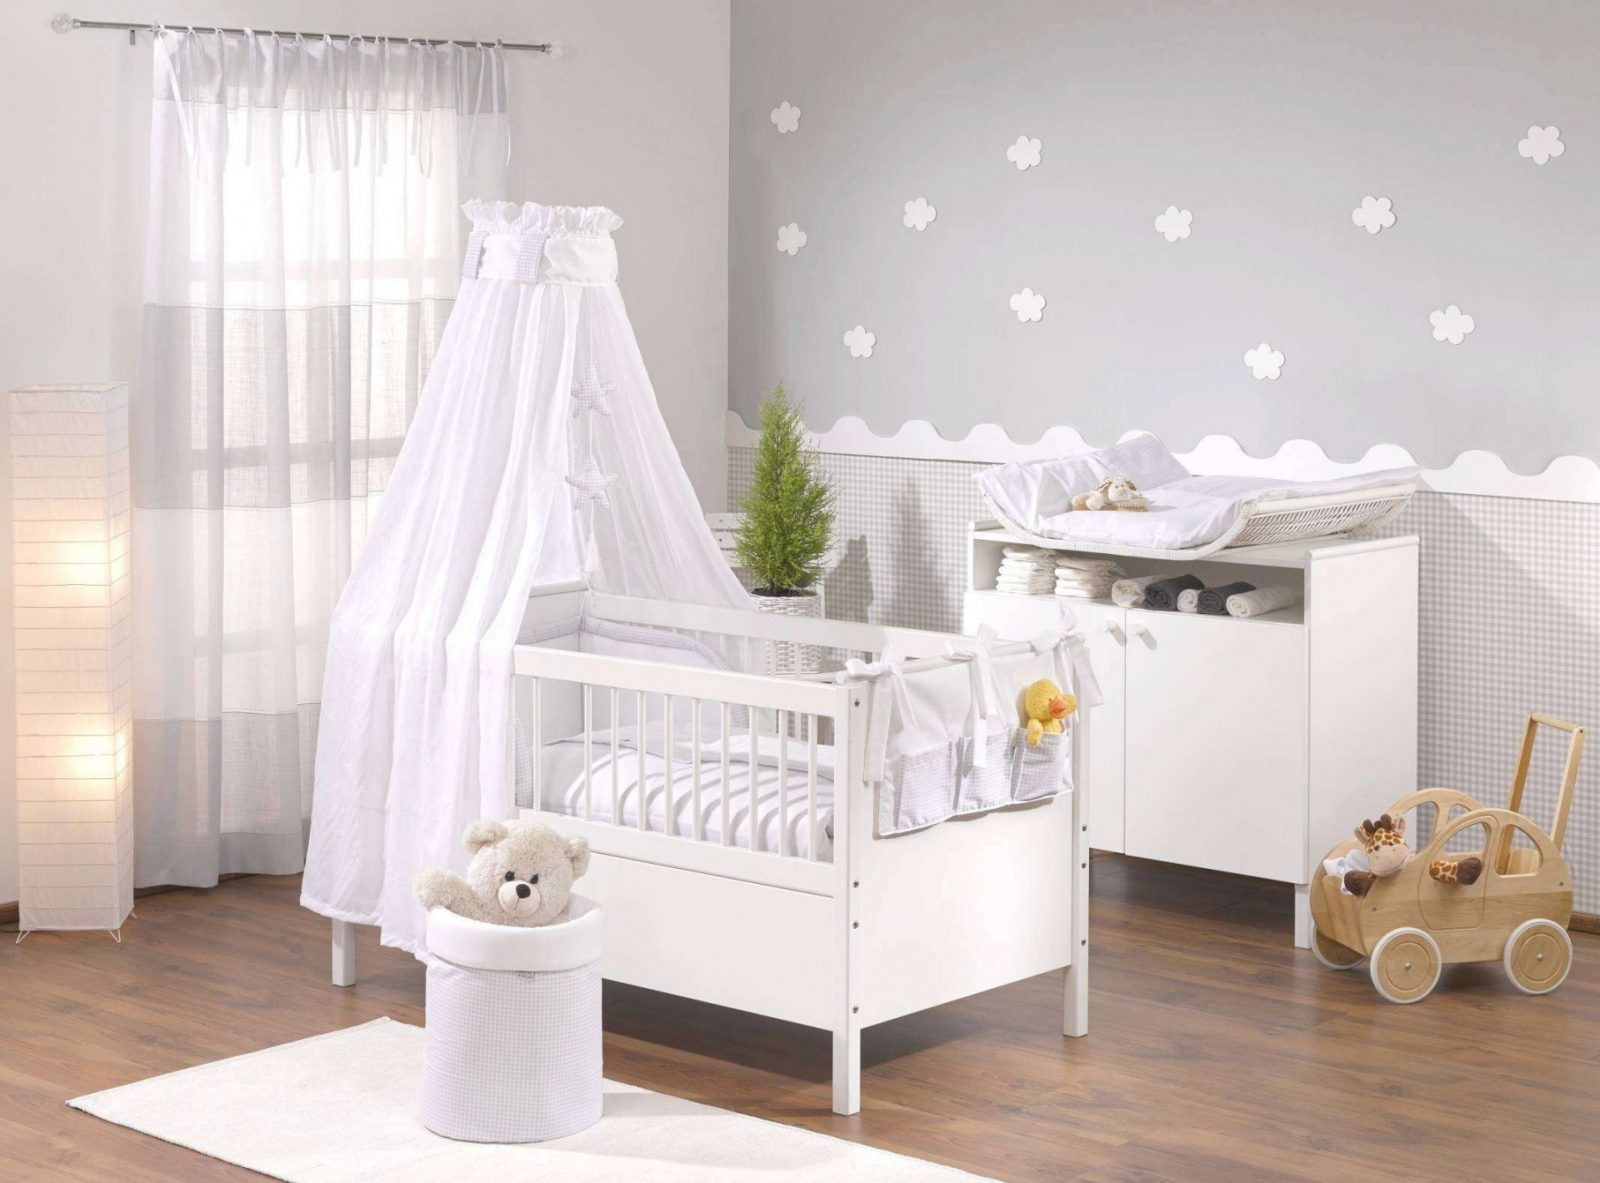 Wand Zweifarbig Streichen Ideen Ilikeplay Inside Wand von Babyzimmer Wände Gestalten Ideen Bild